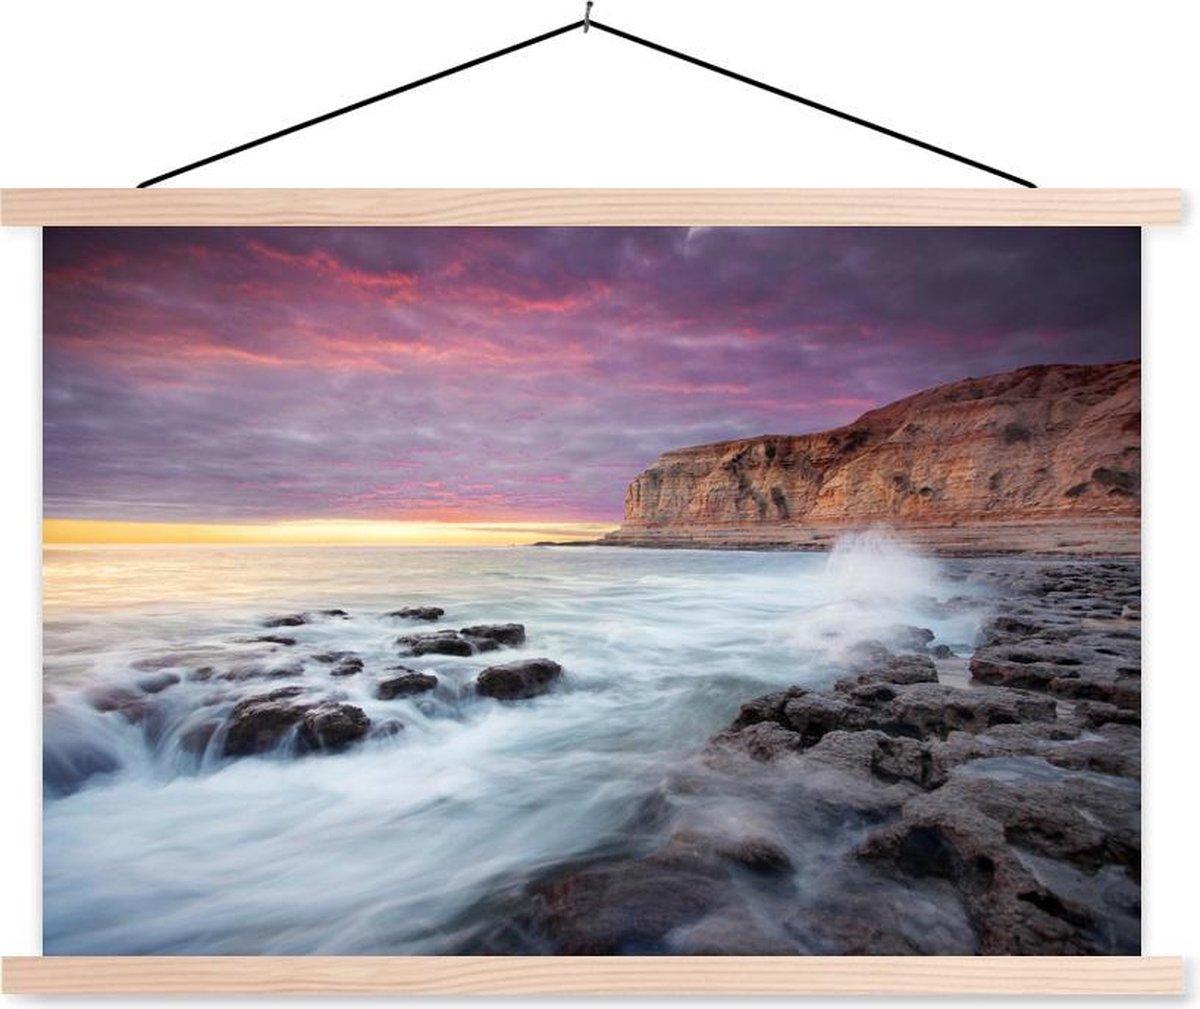 Aldinga Beach bij het Australische Adelaide met een kleurrijke hemel schoolplaat platte latten blank 150x100 cm - Foto print op textielposter (wanddecoratie woonkamer/slaapkamer)